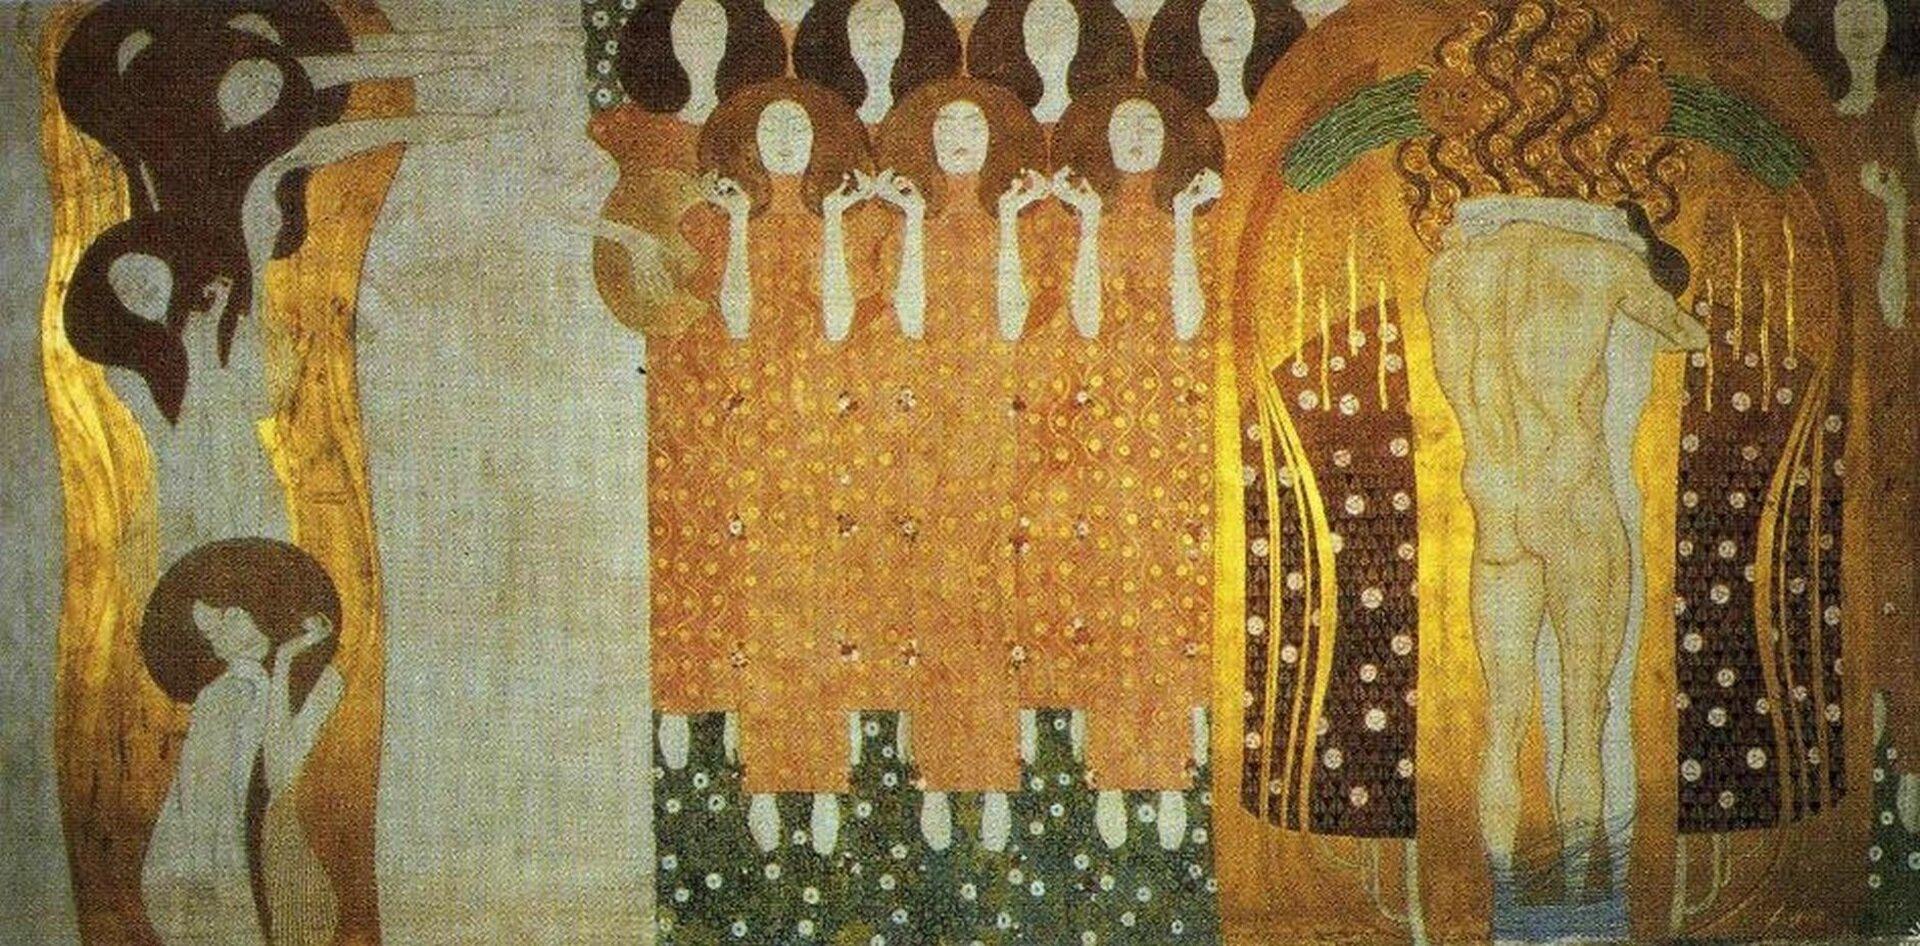 """lustracja przedstawia fresk """"Fryz Beethoven – dążenie do szczęścia znajduje ukojenie wpoezji"""""""" autorstwa Gustawa Klimty. Fresk ukazuje szereg postaci trzymających się za ręce. Zprawej strony widoczny jest odwrócony tyłem nagi mężczyzna."""